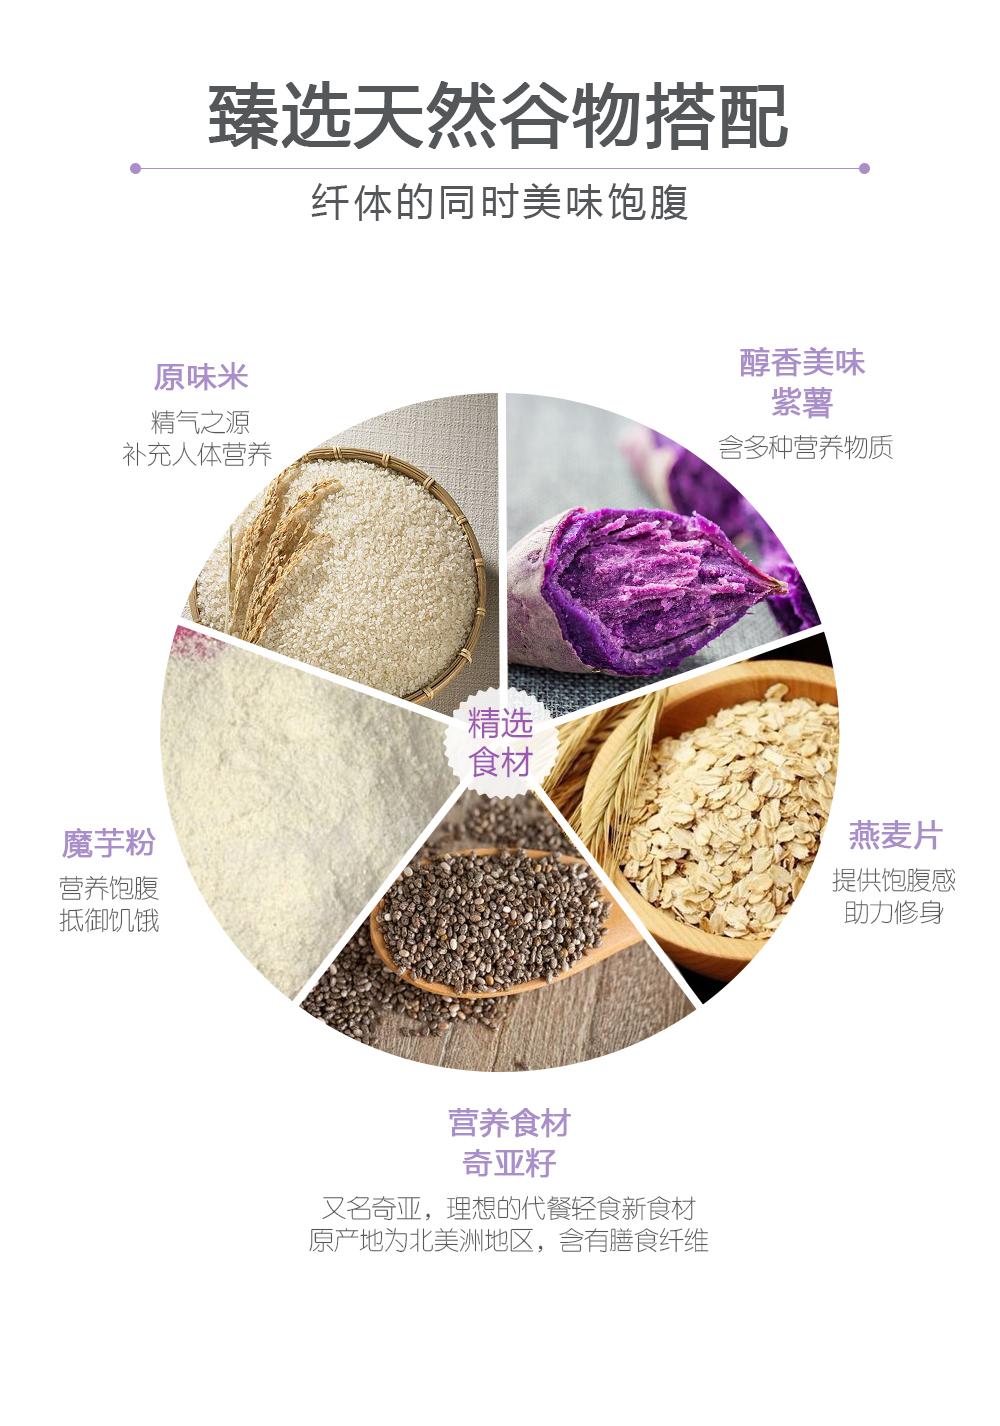 紫薯代餐官网-紫薯代餐---官网_06